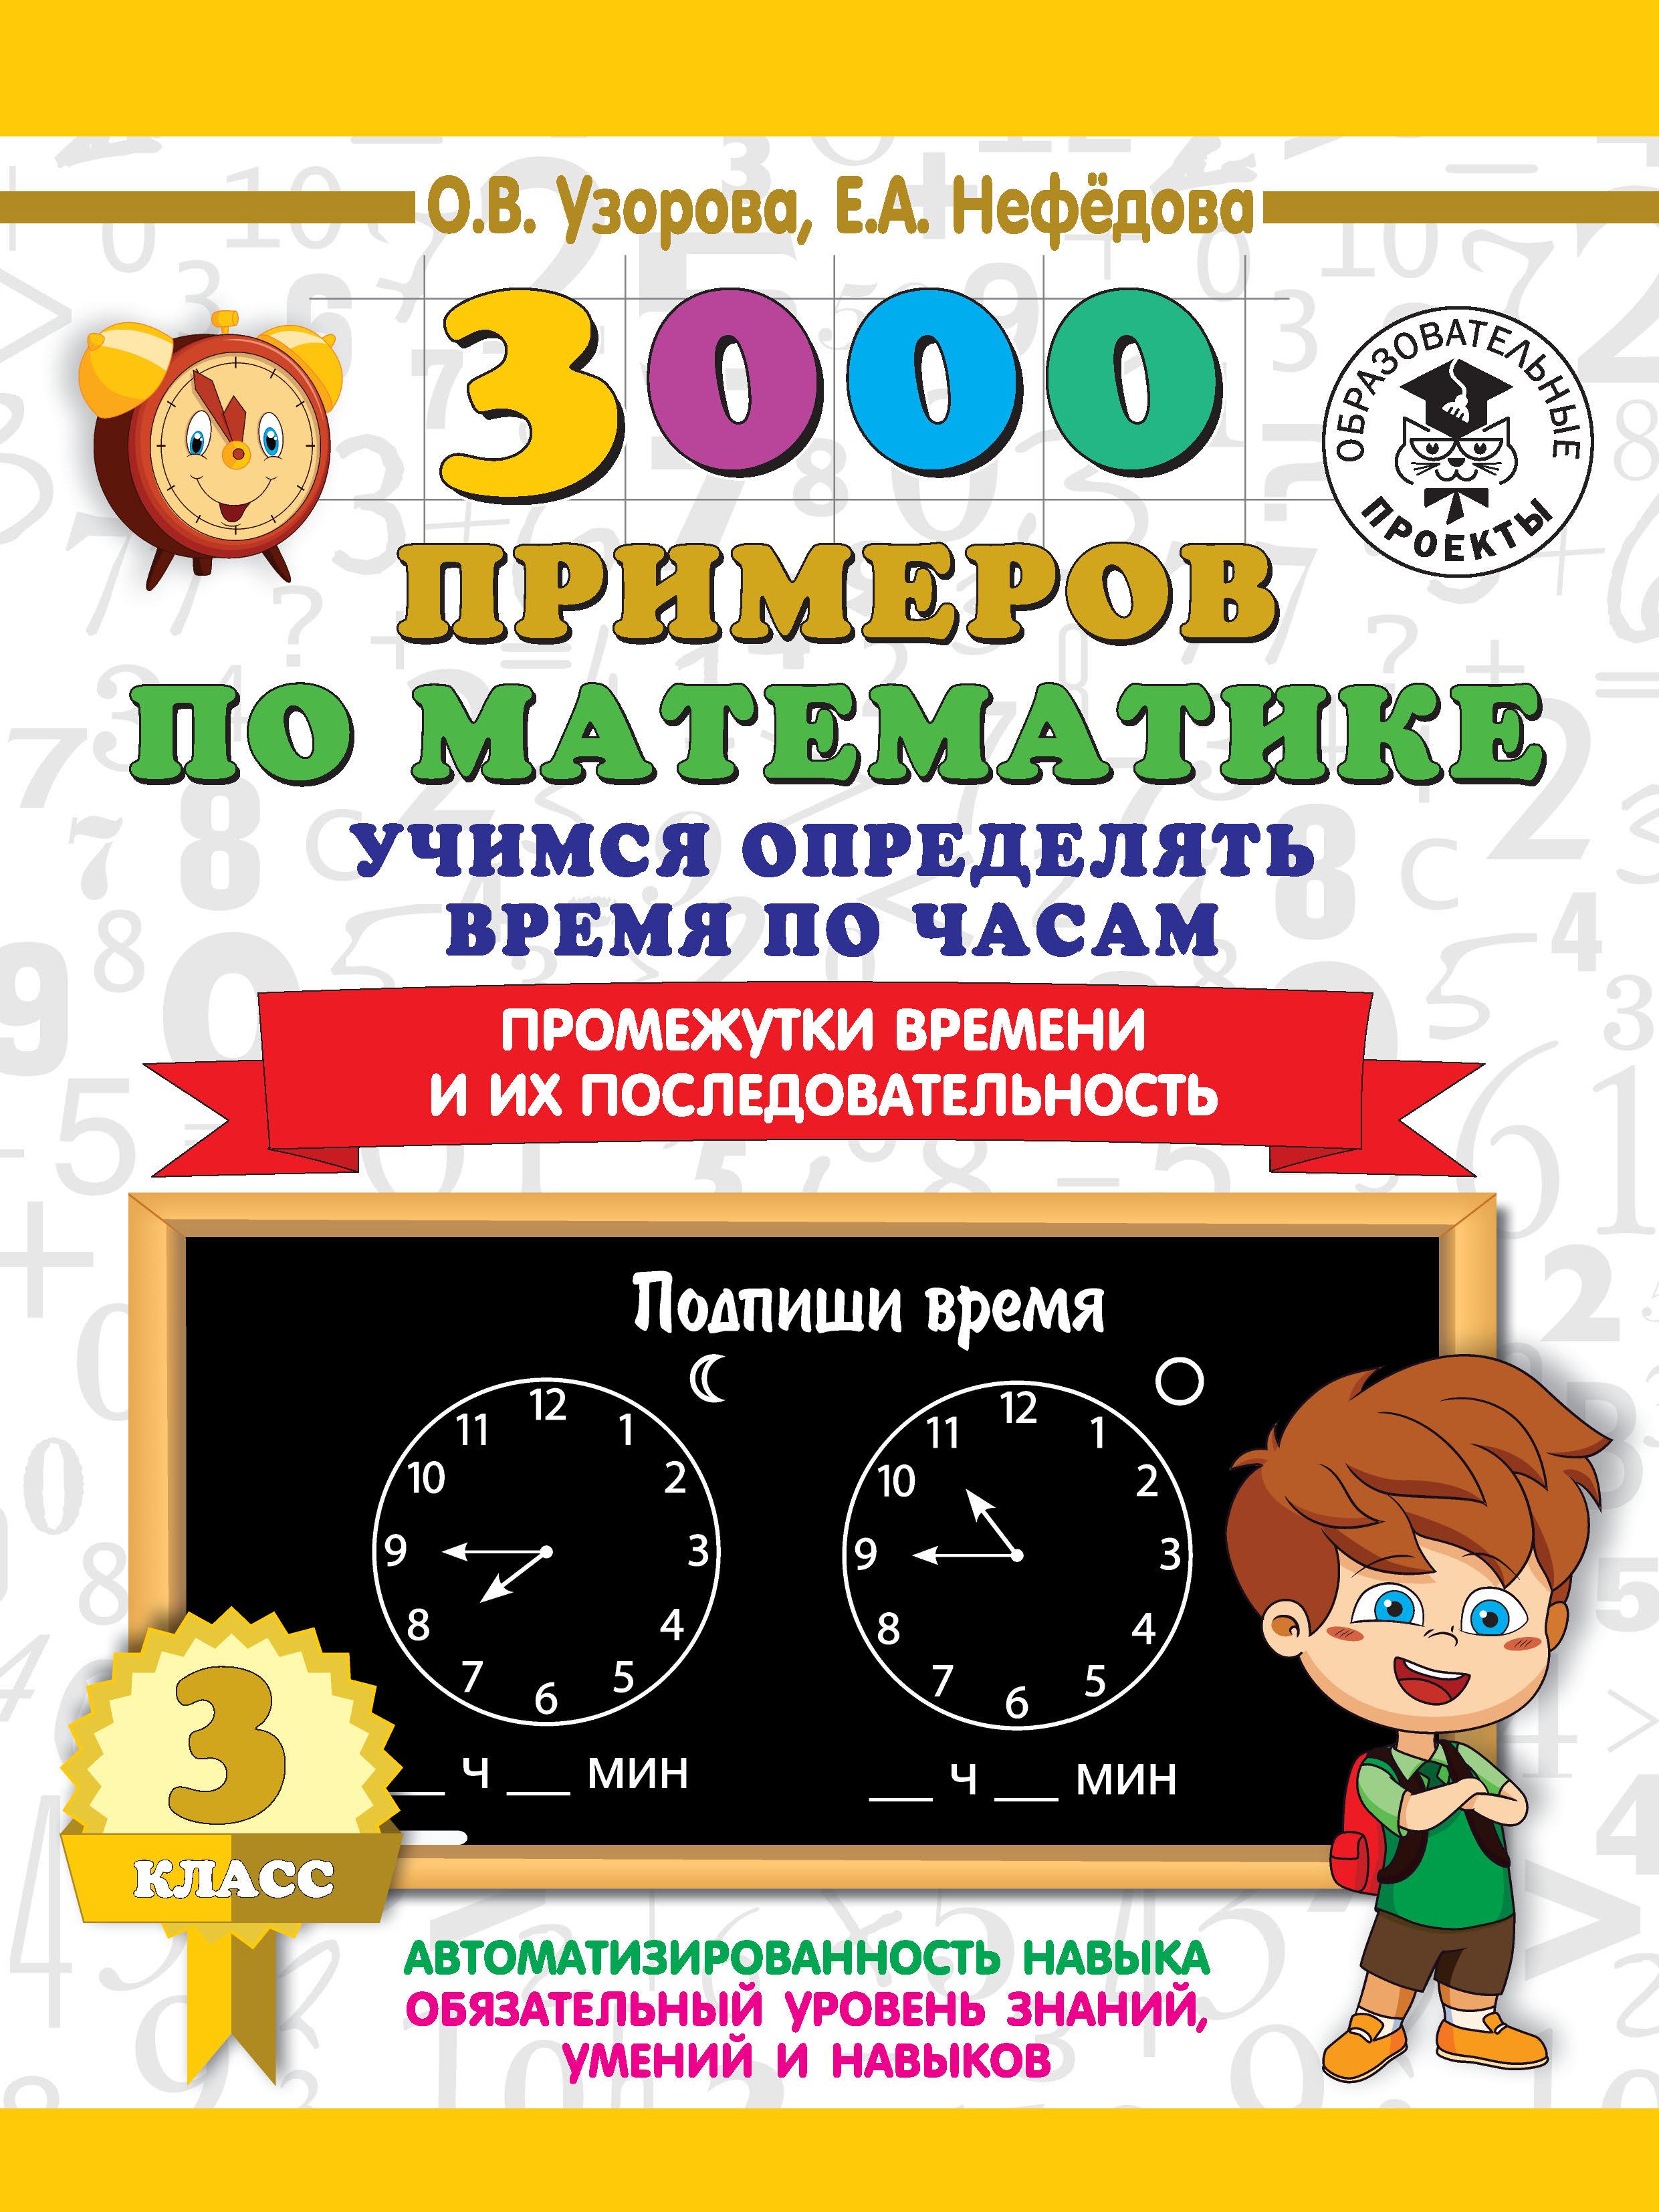 О. В. Узорова 3000 примеров по математике. Учимся определять время по часам. 3 класс. Промежутки времени и их последовательность